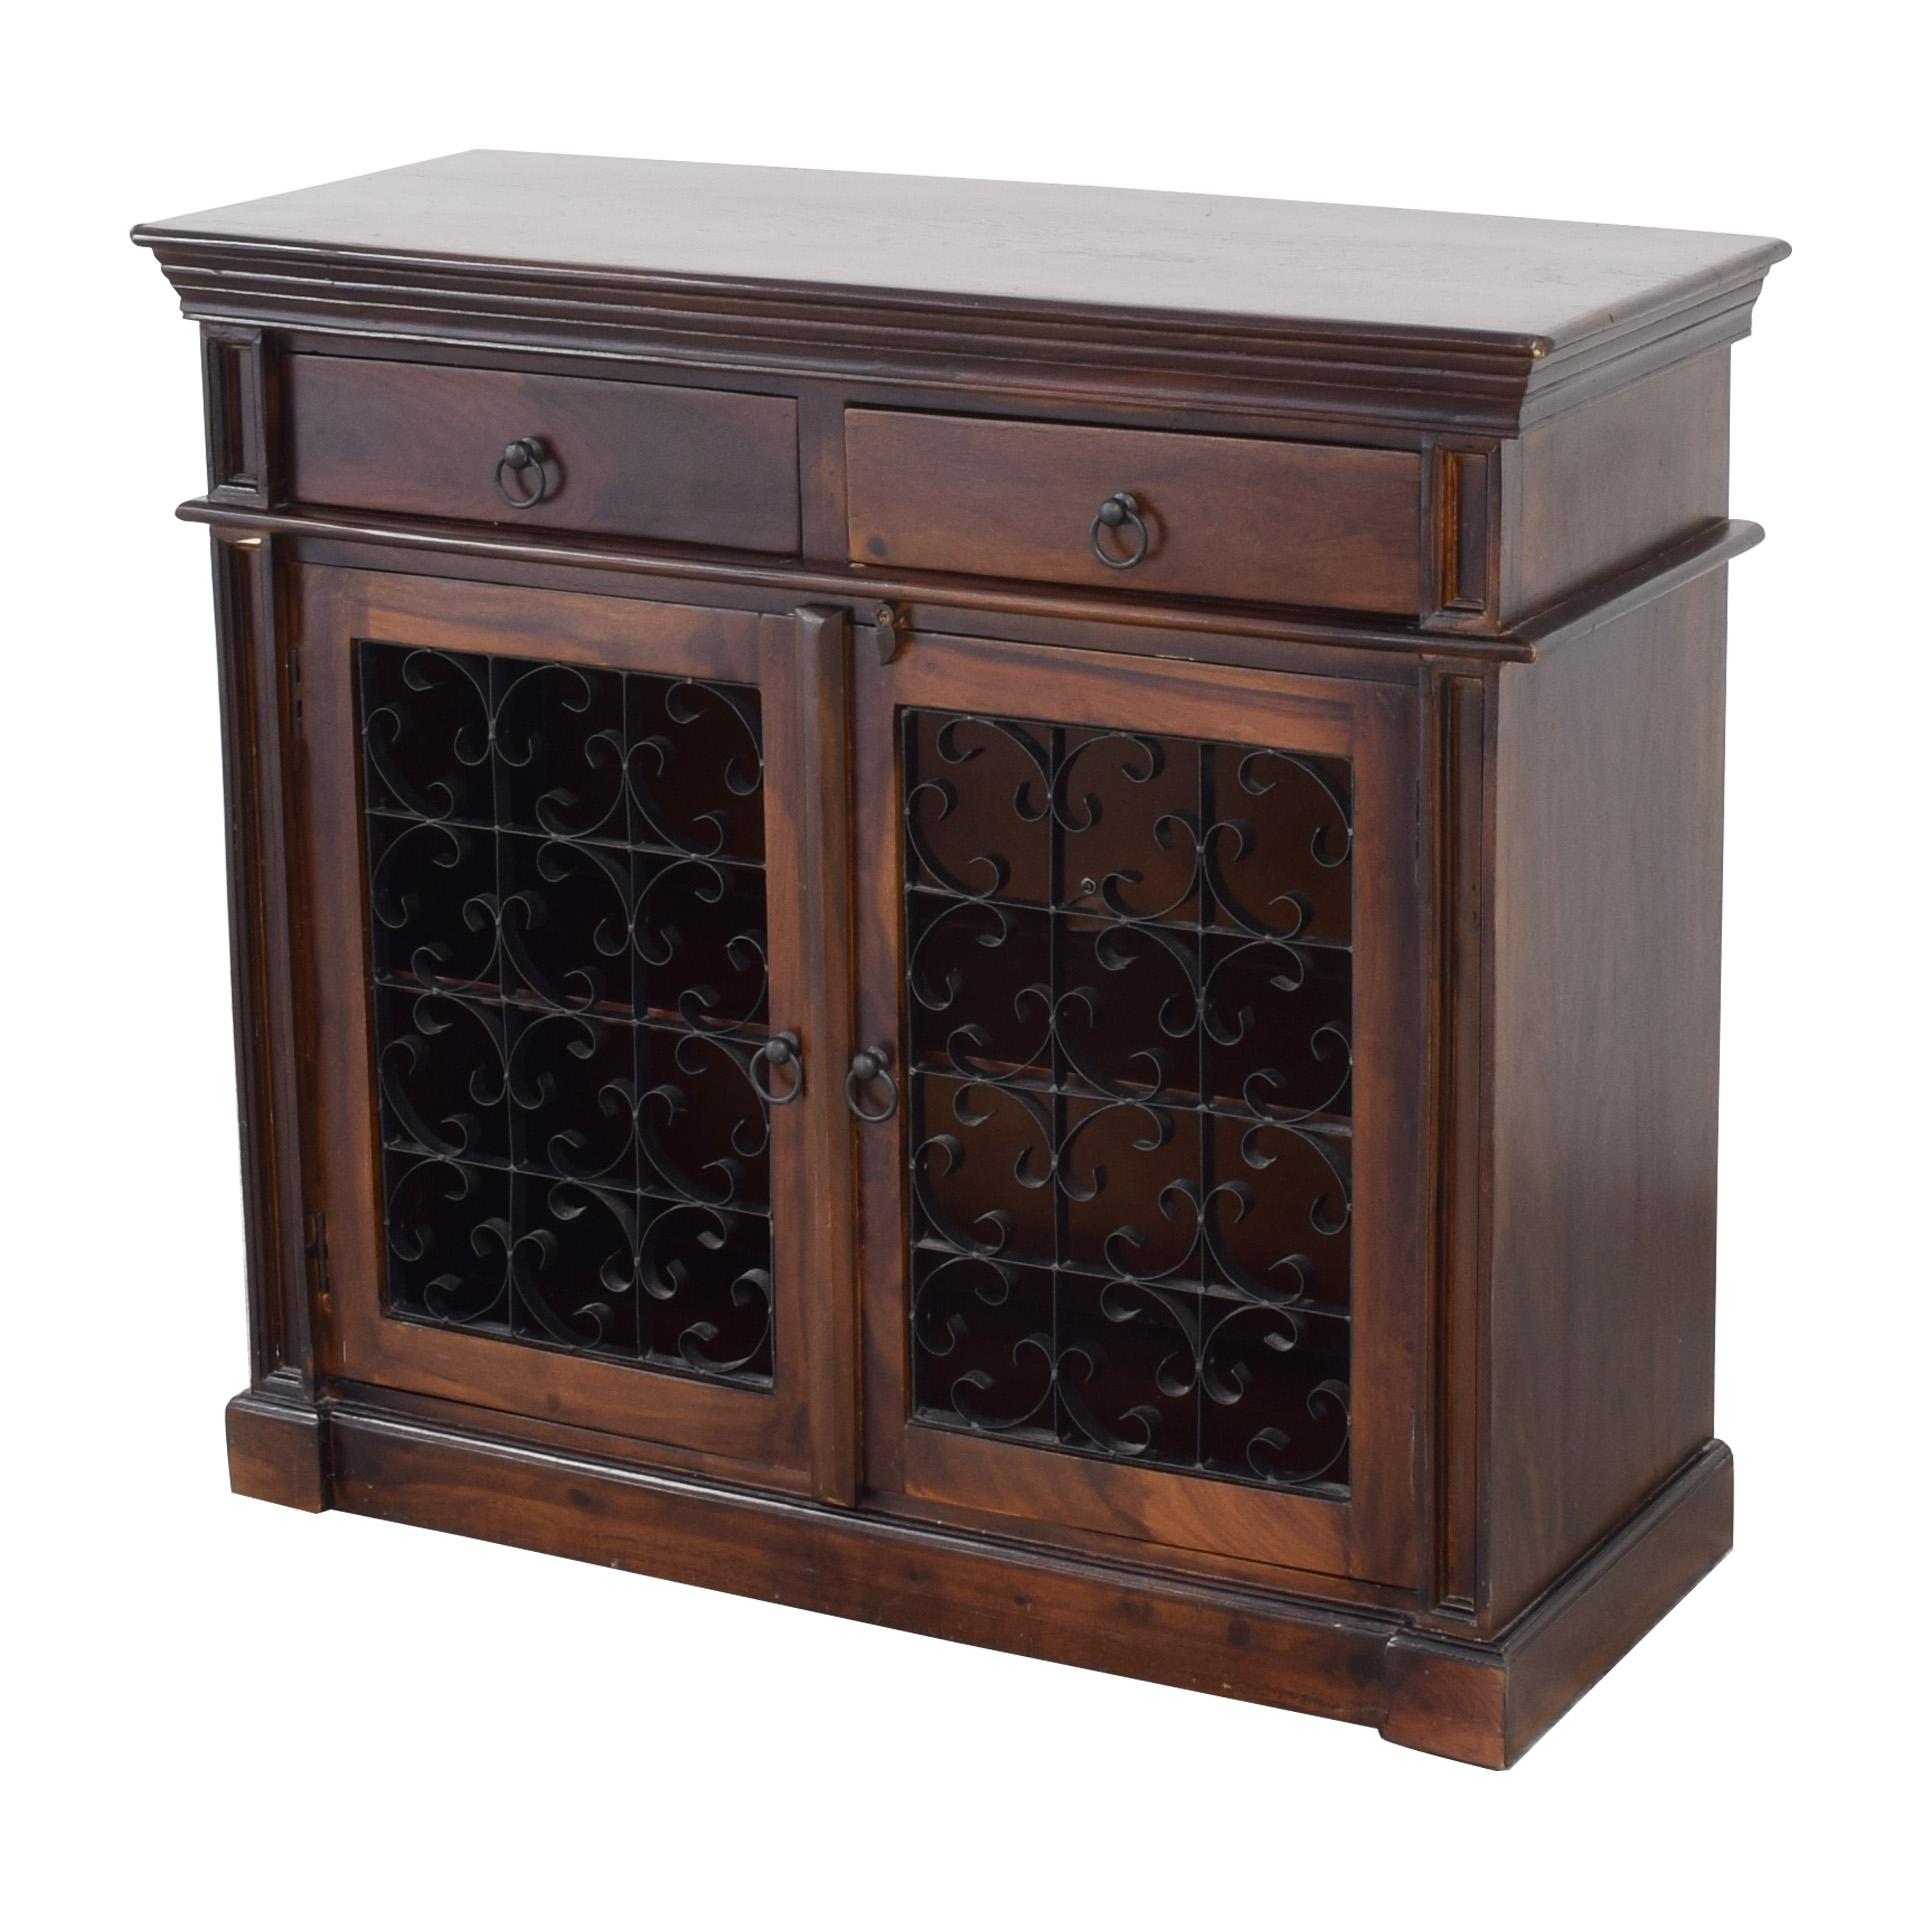 Pier 1 Pier 1 Bar Cabinet Storage